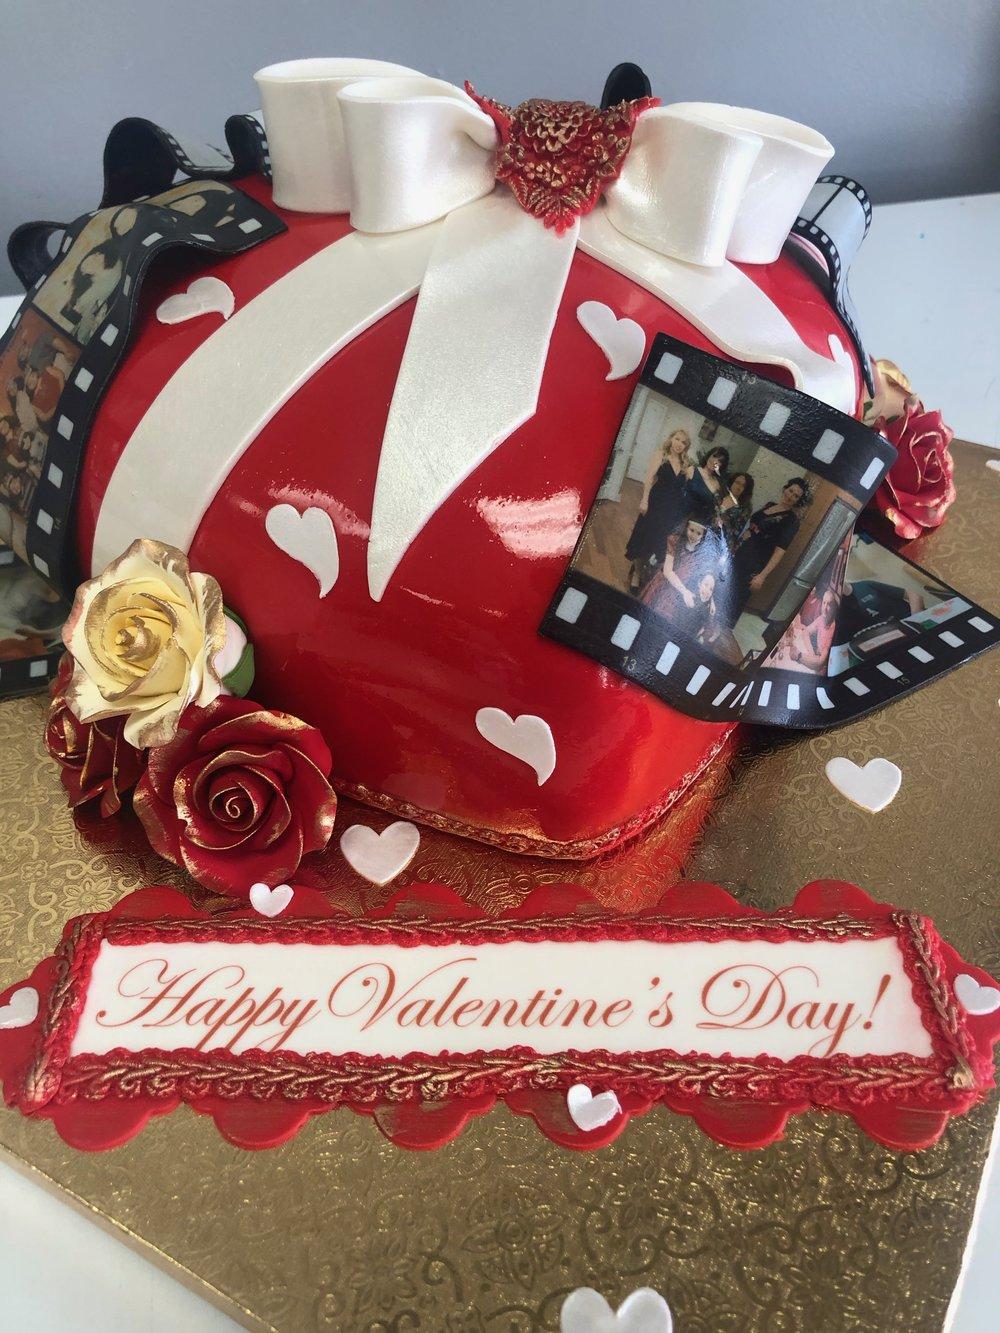 NJ Valentine's Day Cake